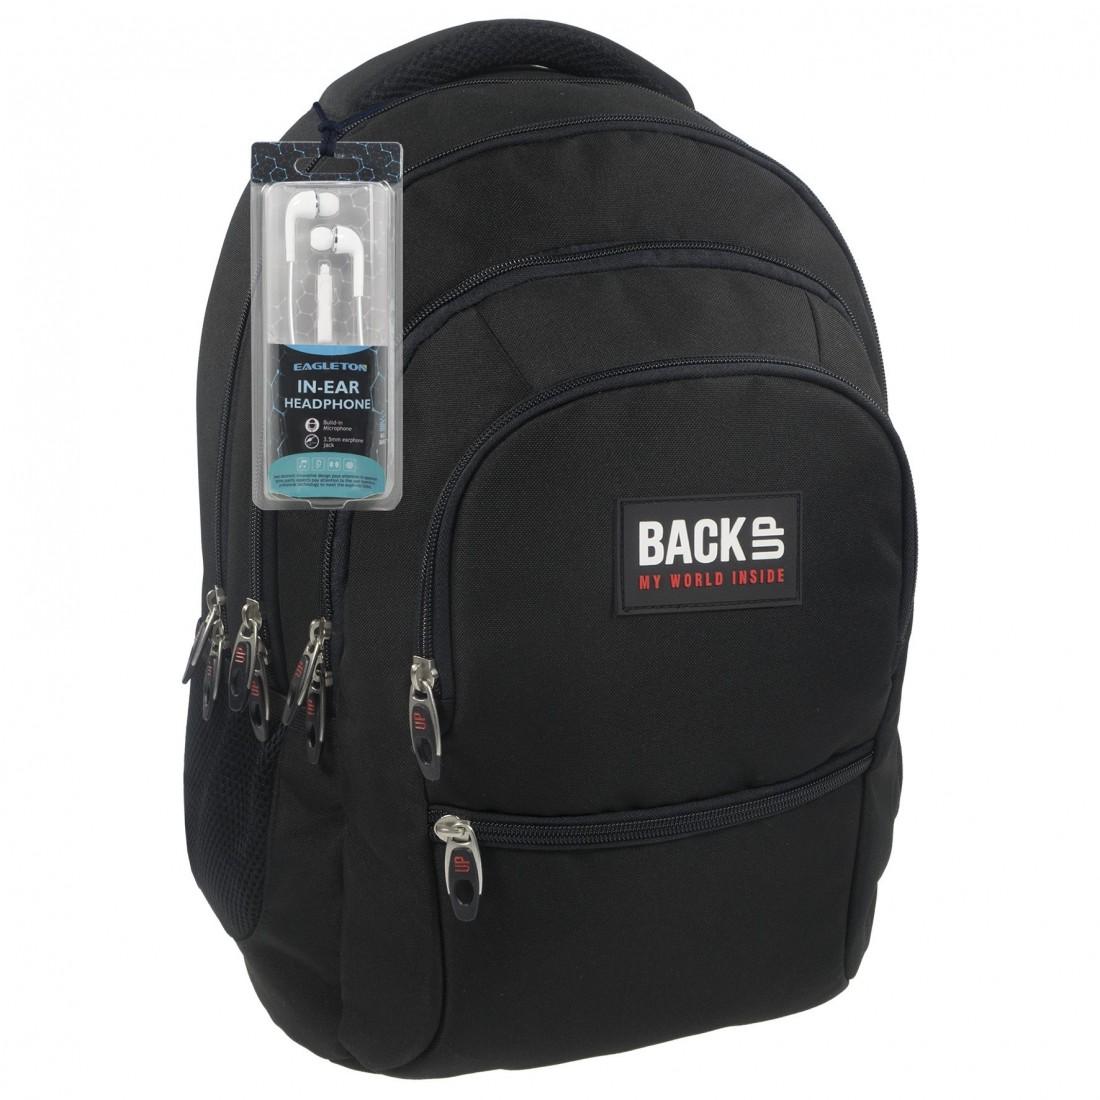 974b362dbc6cb Czarny plecak dla chłopaka + słuchawki BackUP C 27 do szkoły ...